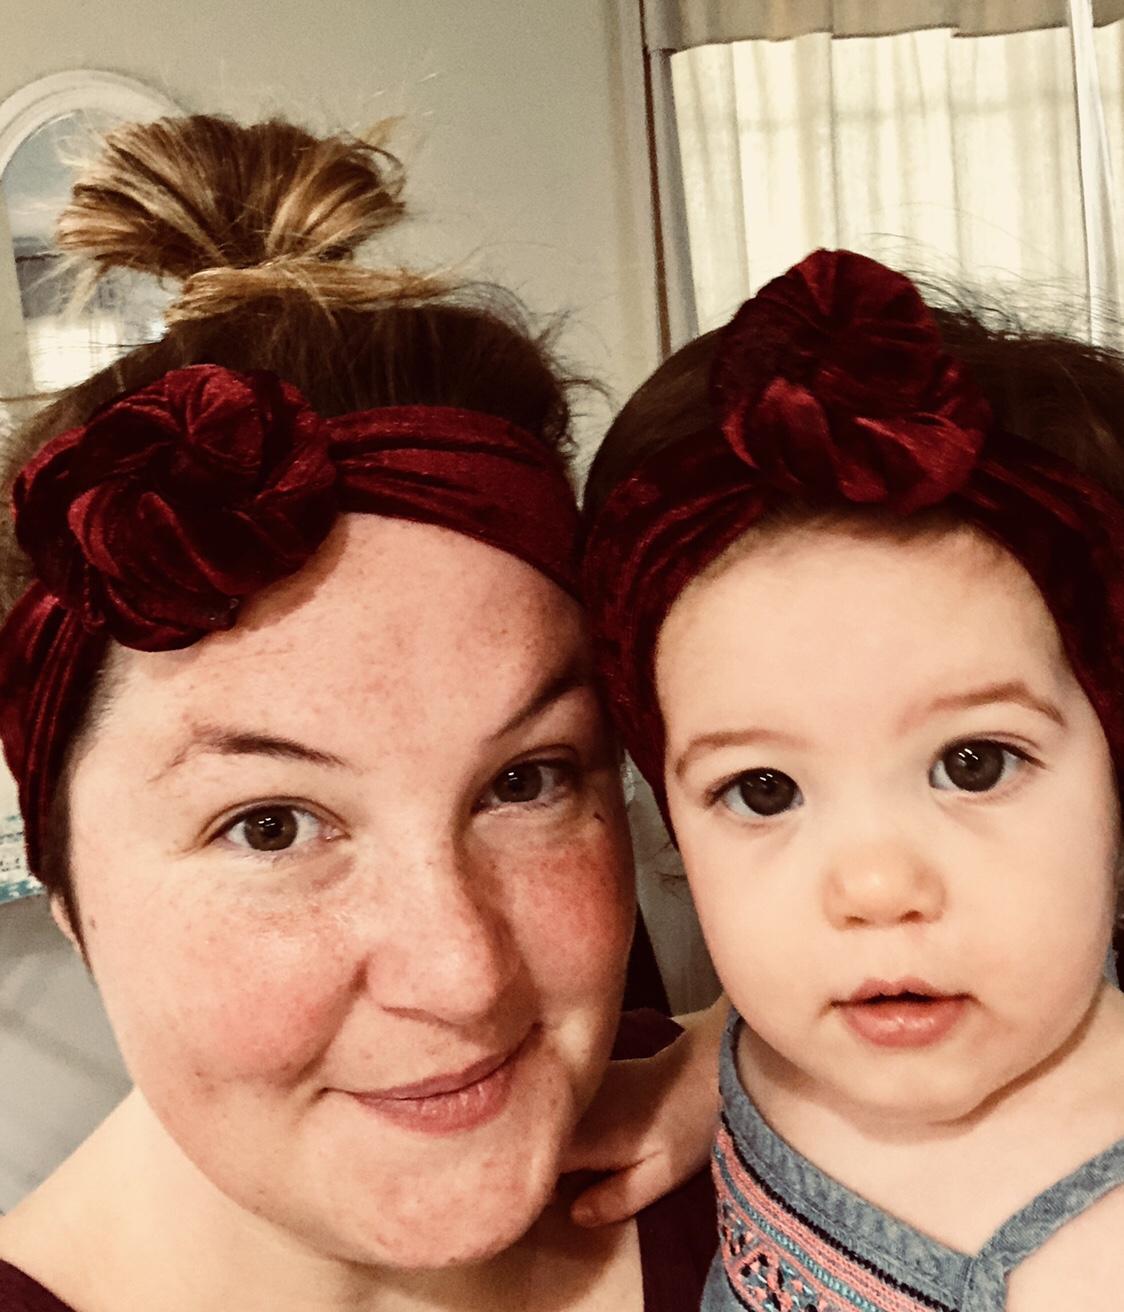 Mommy And Me Velvet Top Knot Bayou Blossom Mom N Bab Girl Set Blue Flower Size 5t